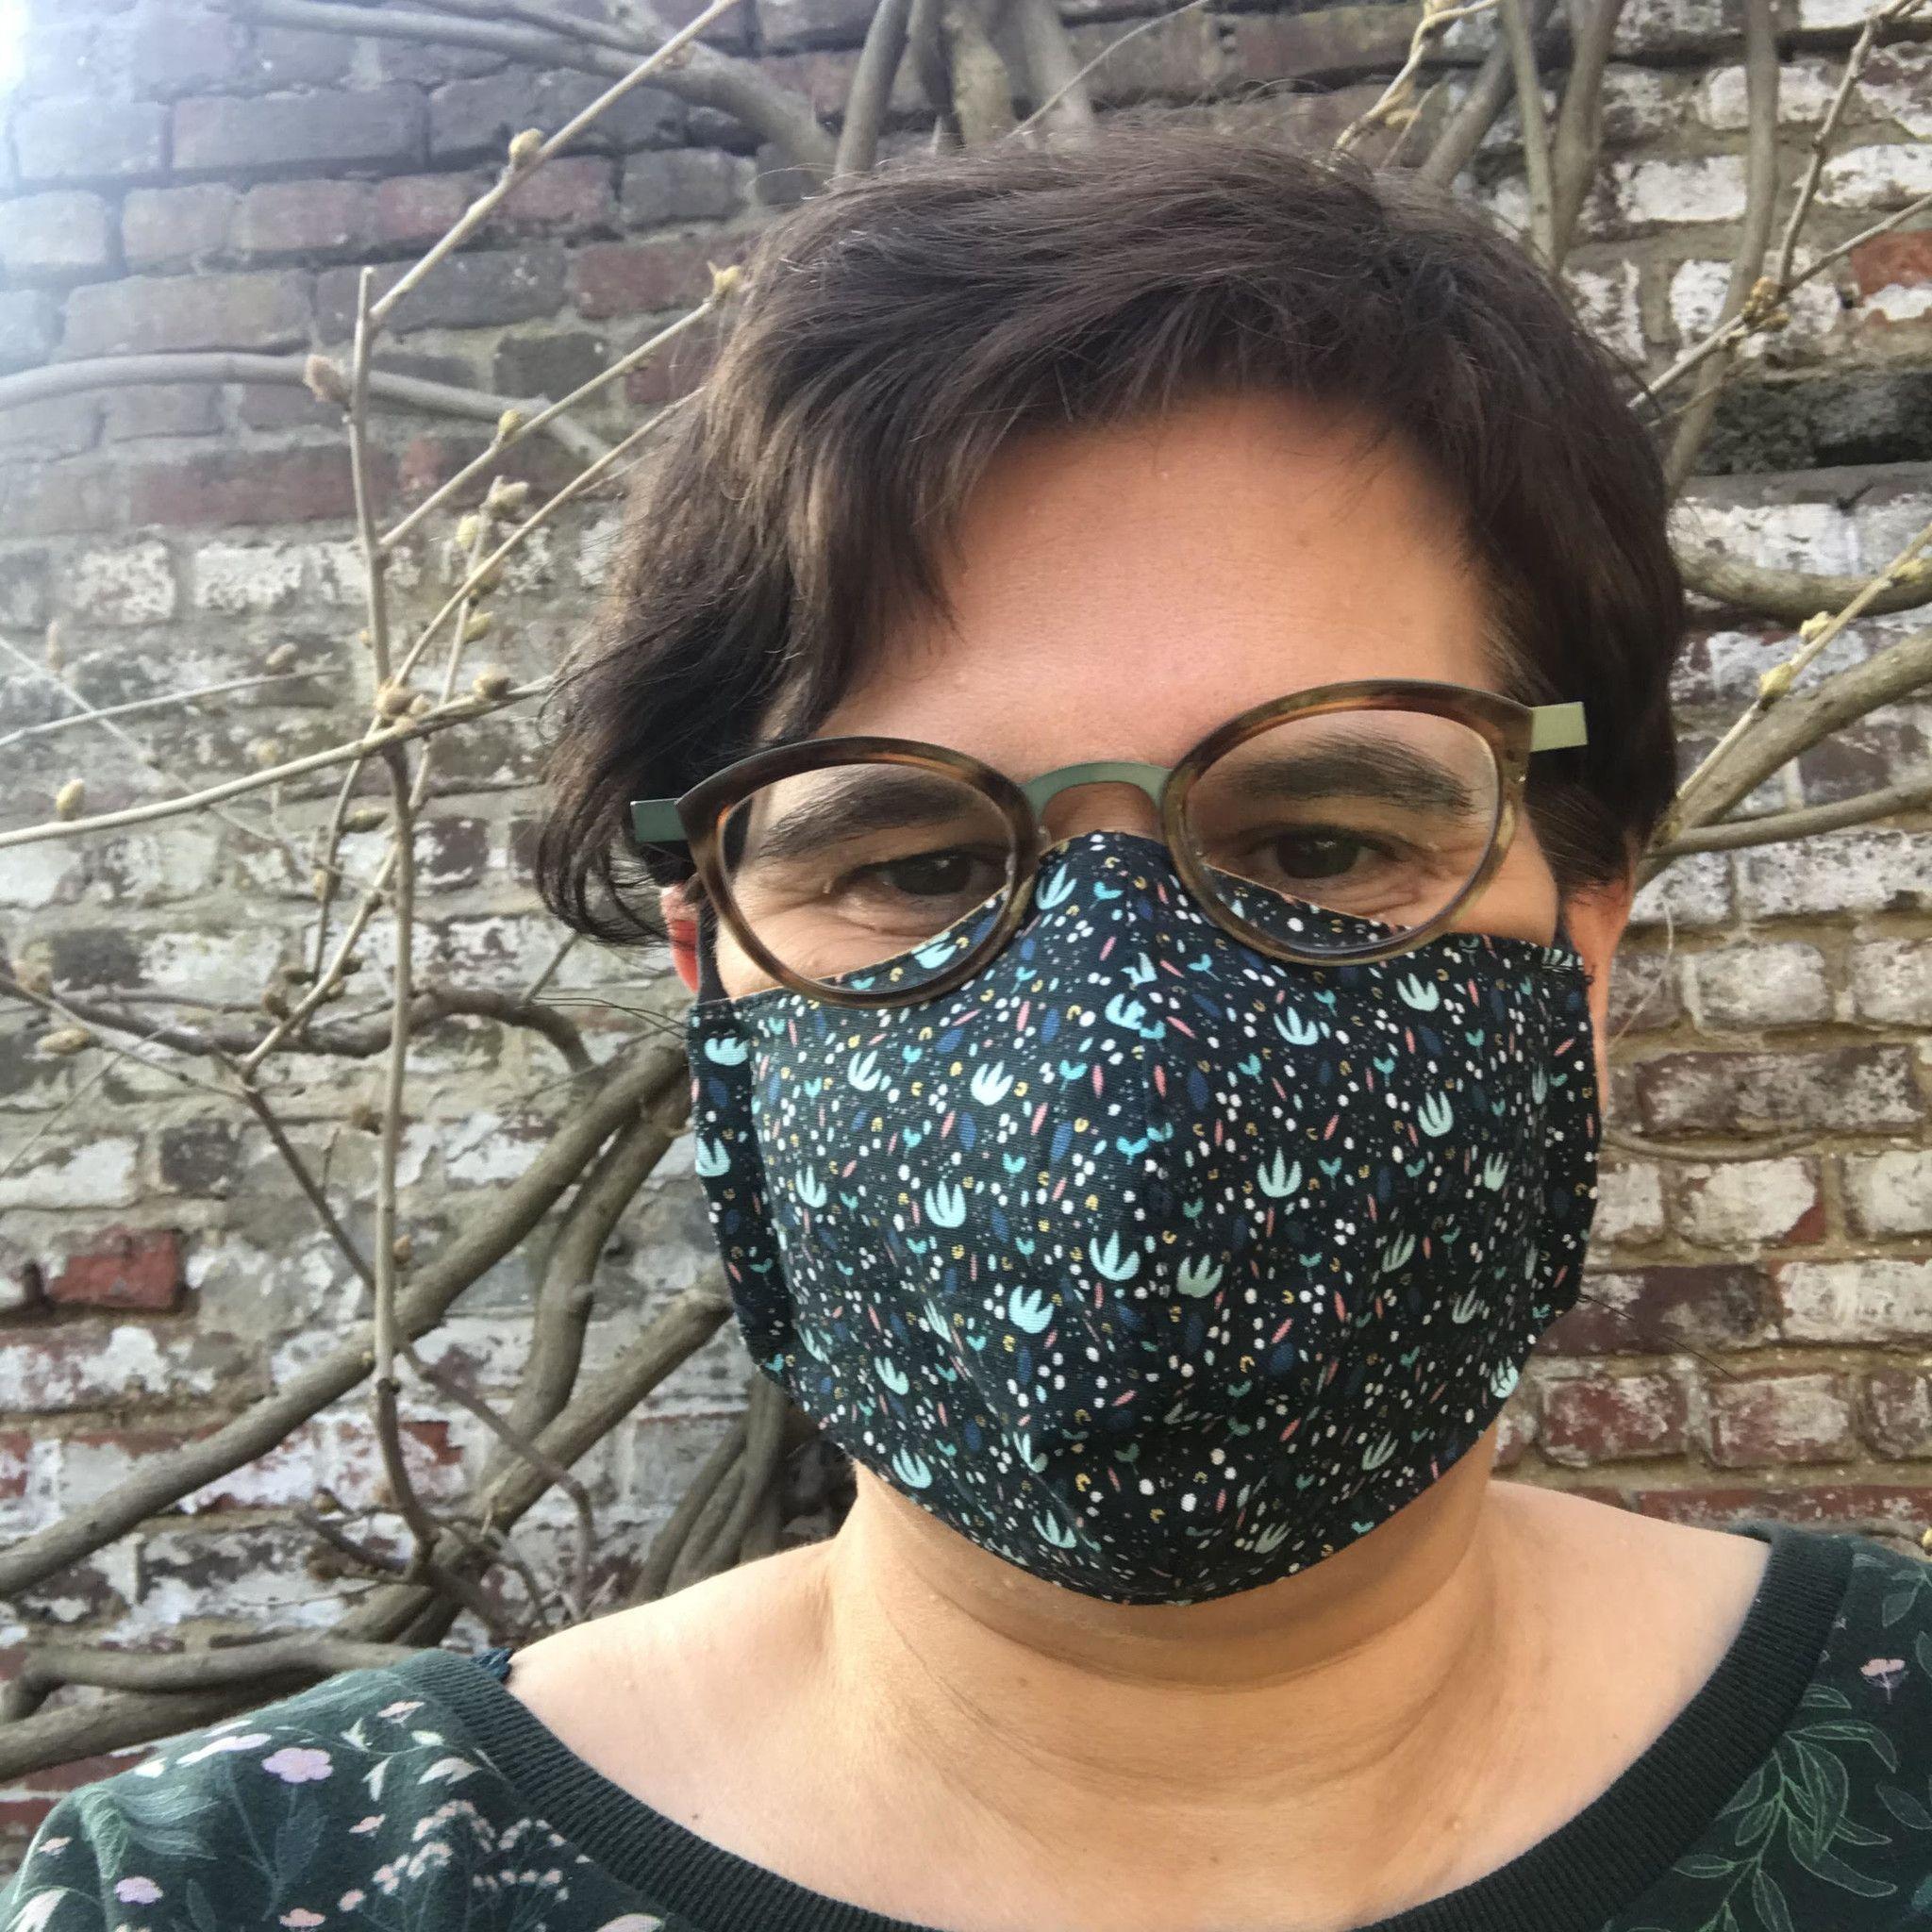 Hoe maak je zelf een mondmasker |Gratis patroon + werkbeschrijving |LanaLotta